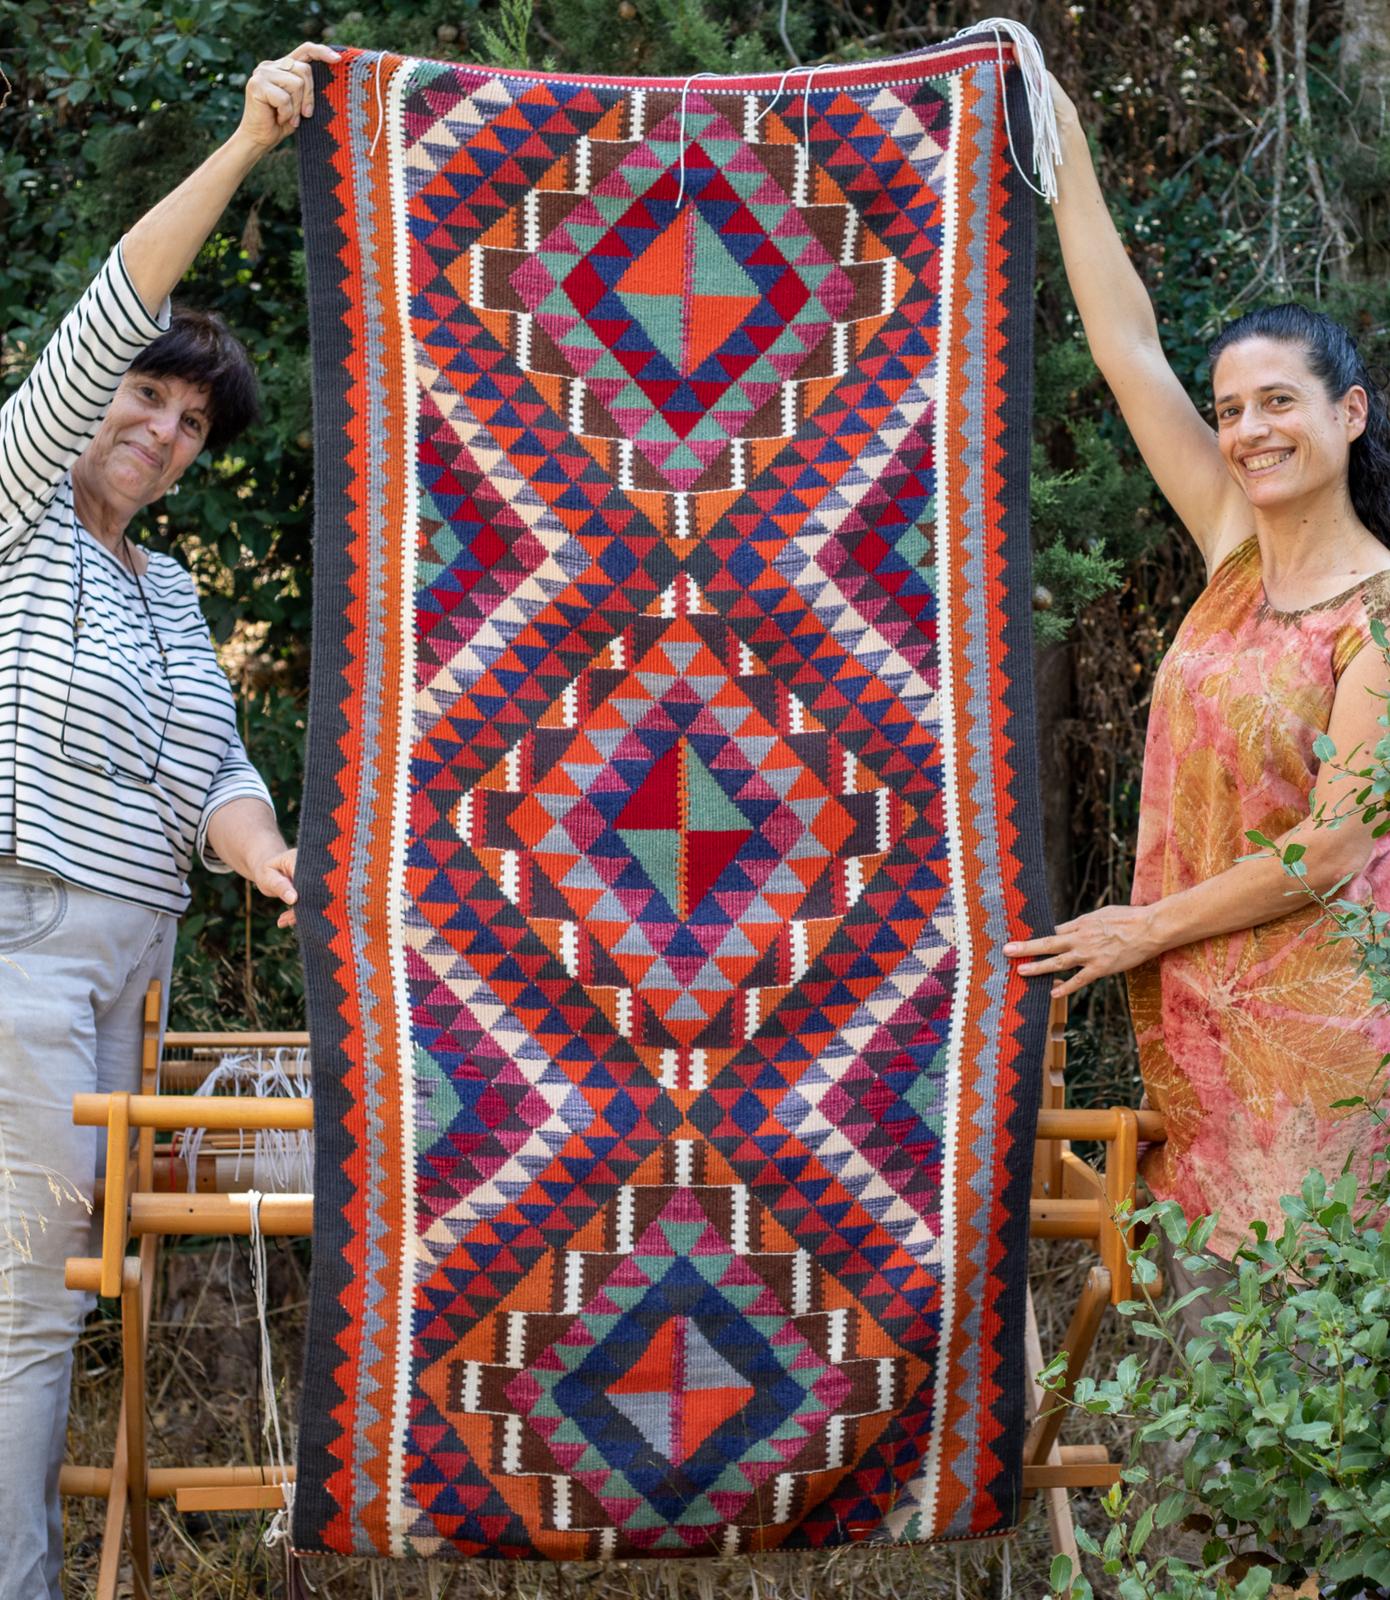 שטיח קילים של חלי המוכשרת